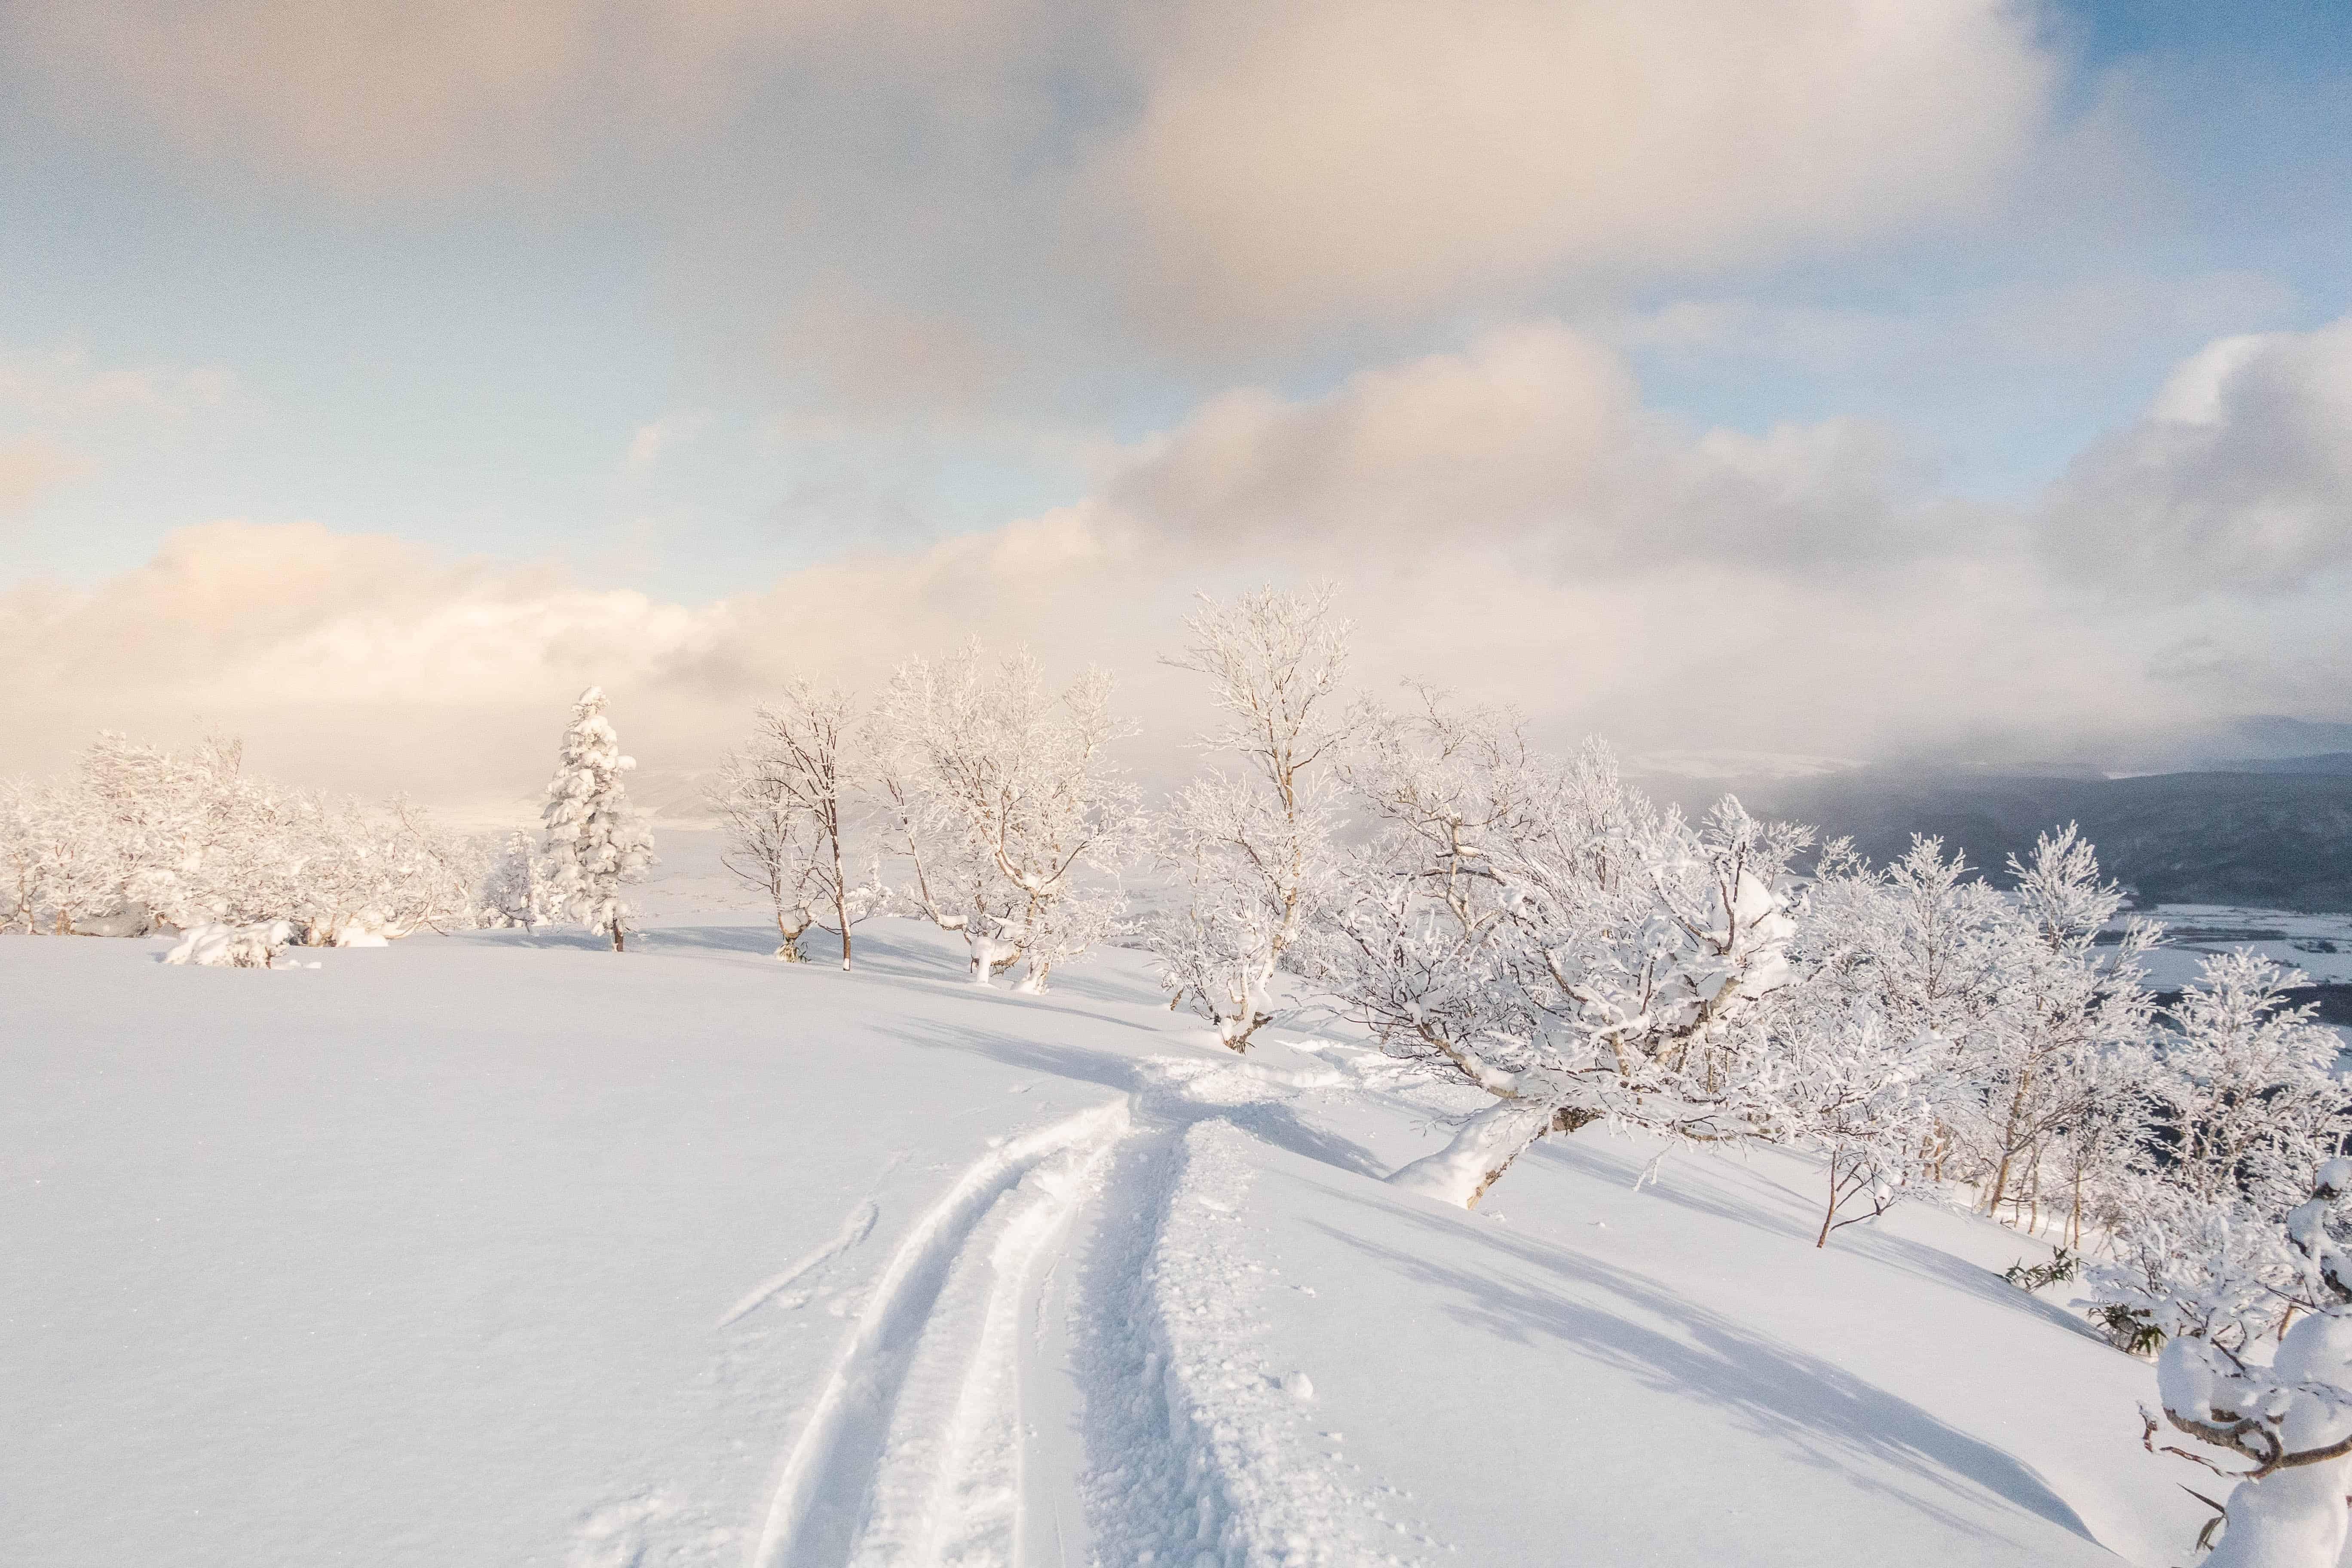 Furano Ski Resort in Japan